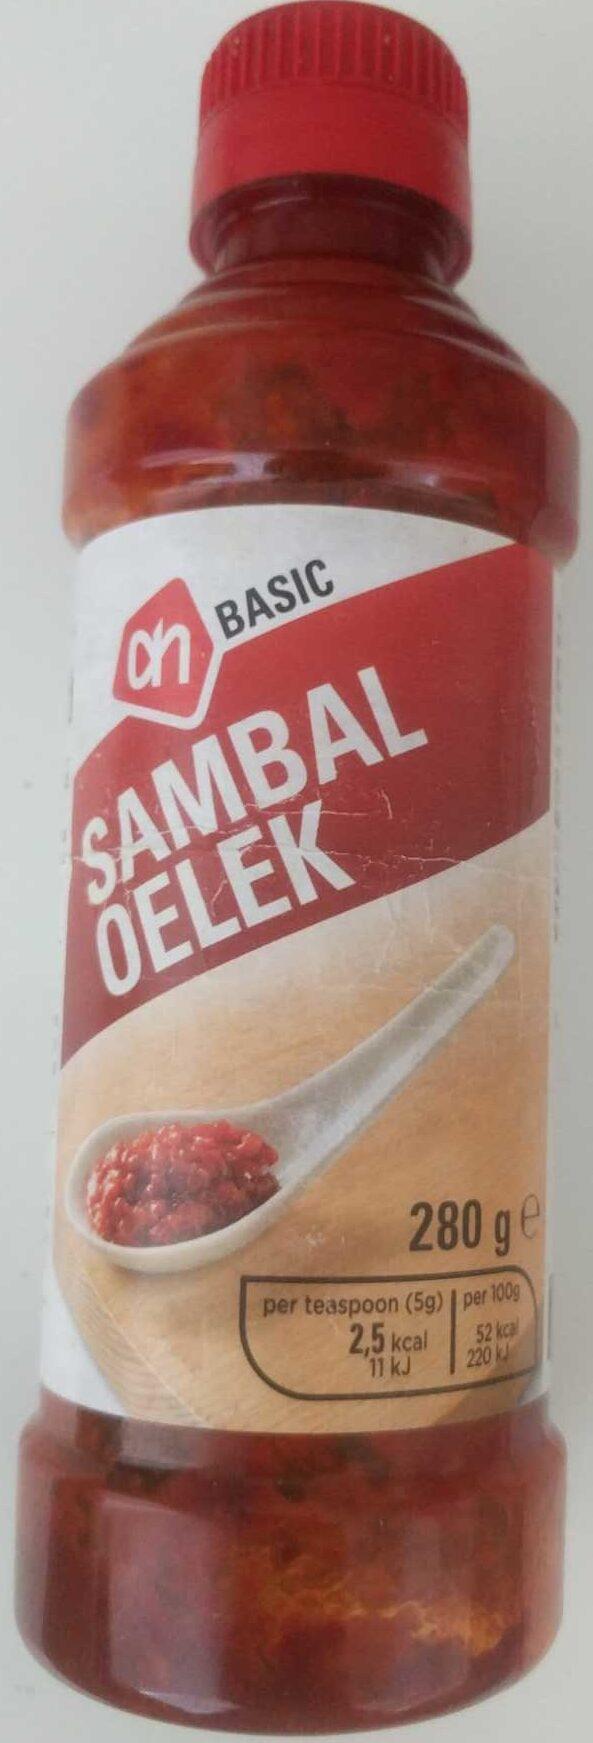 Sambal Oelek - Product - en